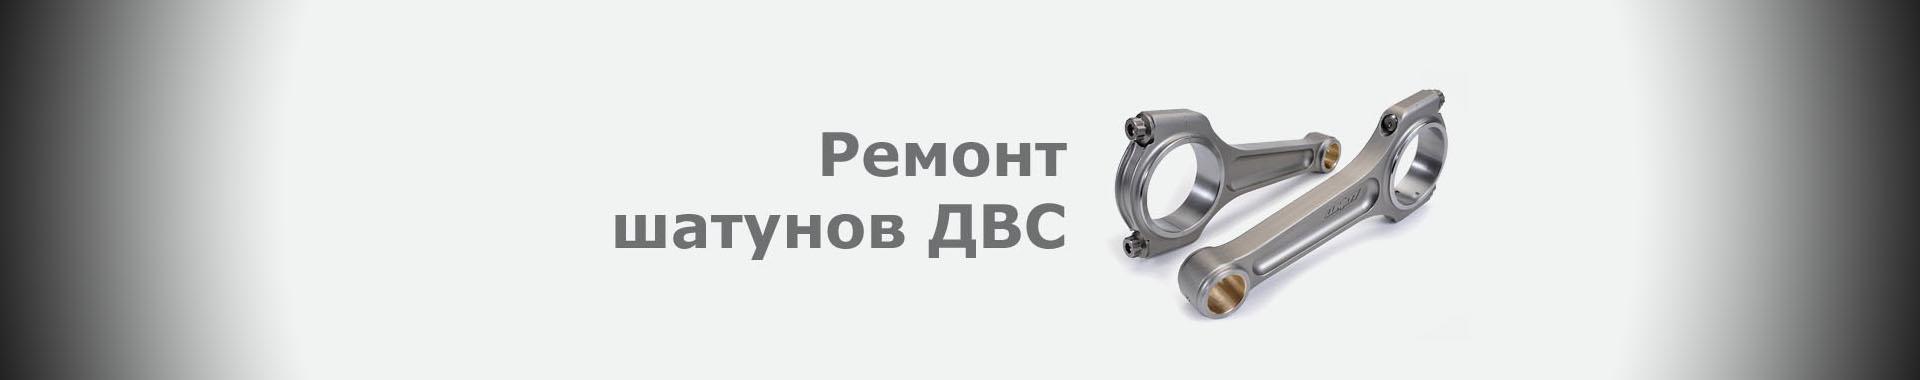 Ремонт шатунов ДВС